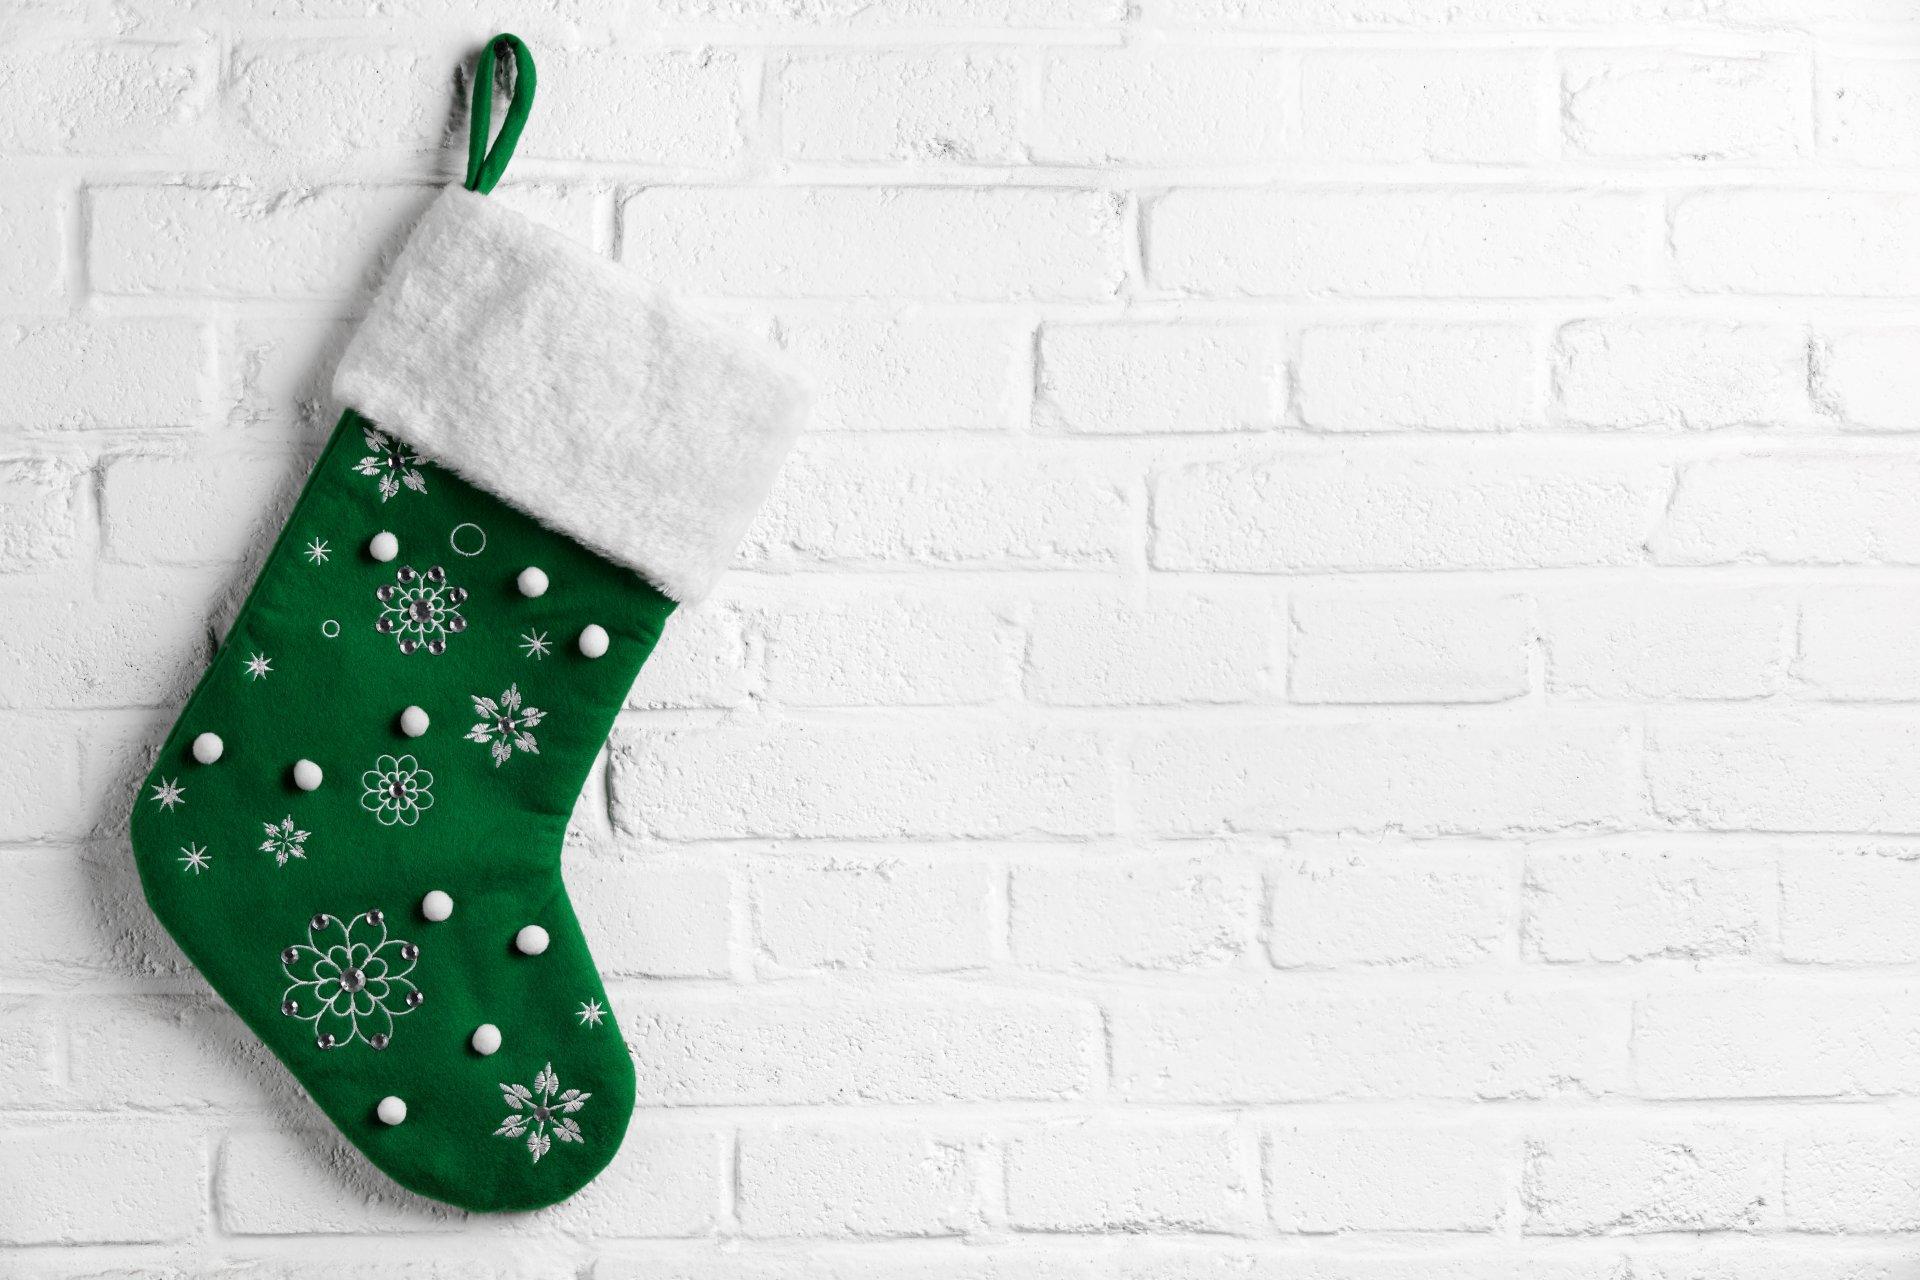 новогодний носок открытка один